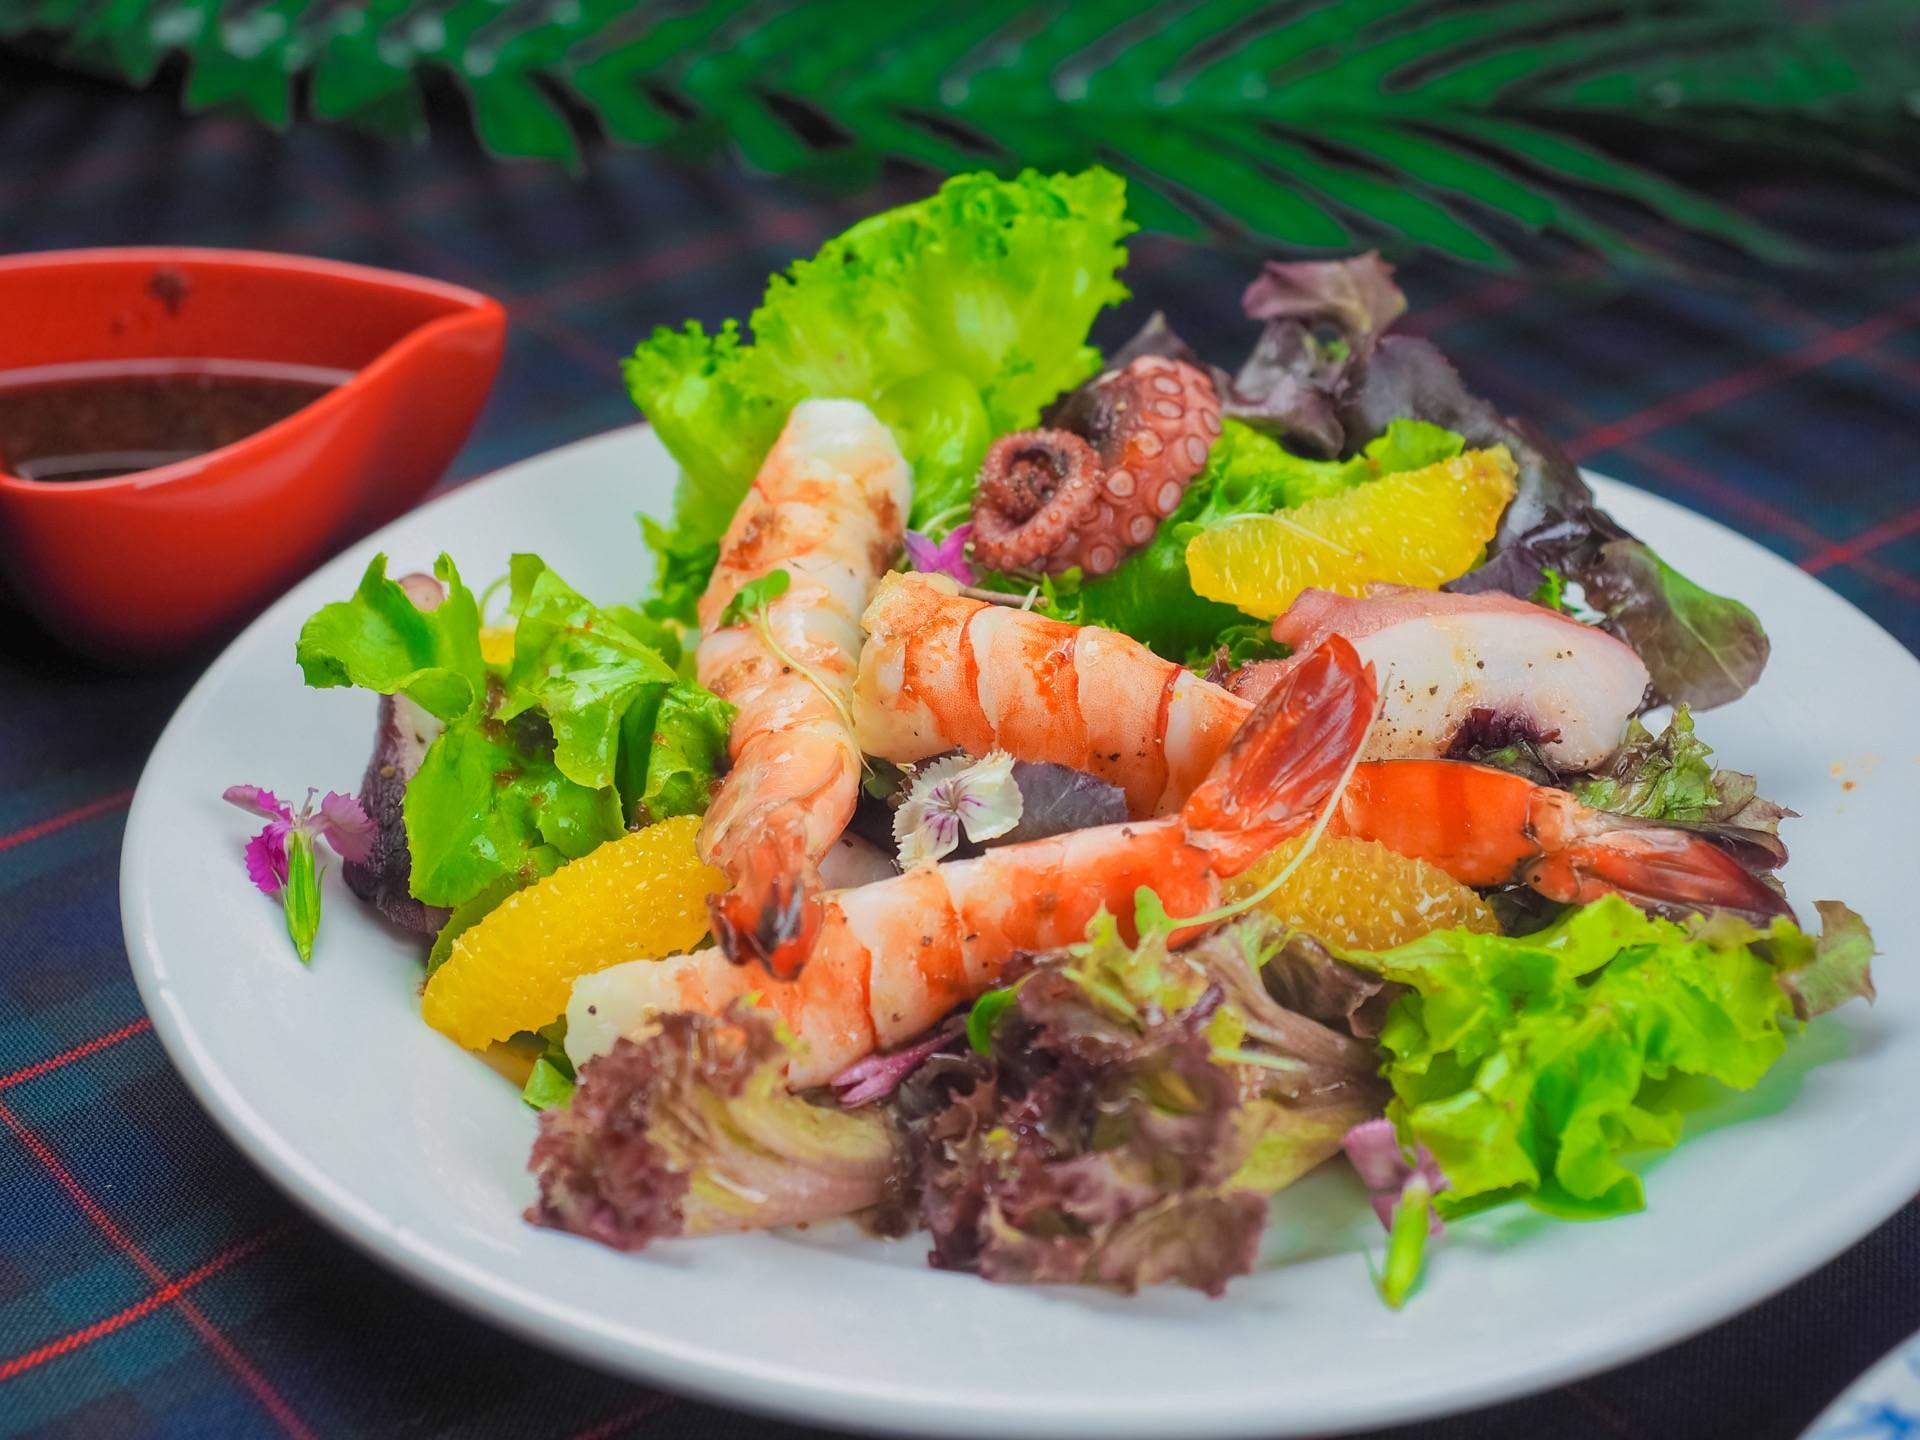 ค้นหาร้านอาหาร โรงแรม ที่พัก สถานที่ท่องเที่ยว ร้านเสริมสวยและสปา ใน กรุงเทพและปริมณฑล